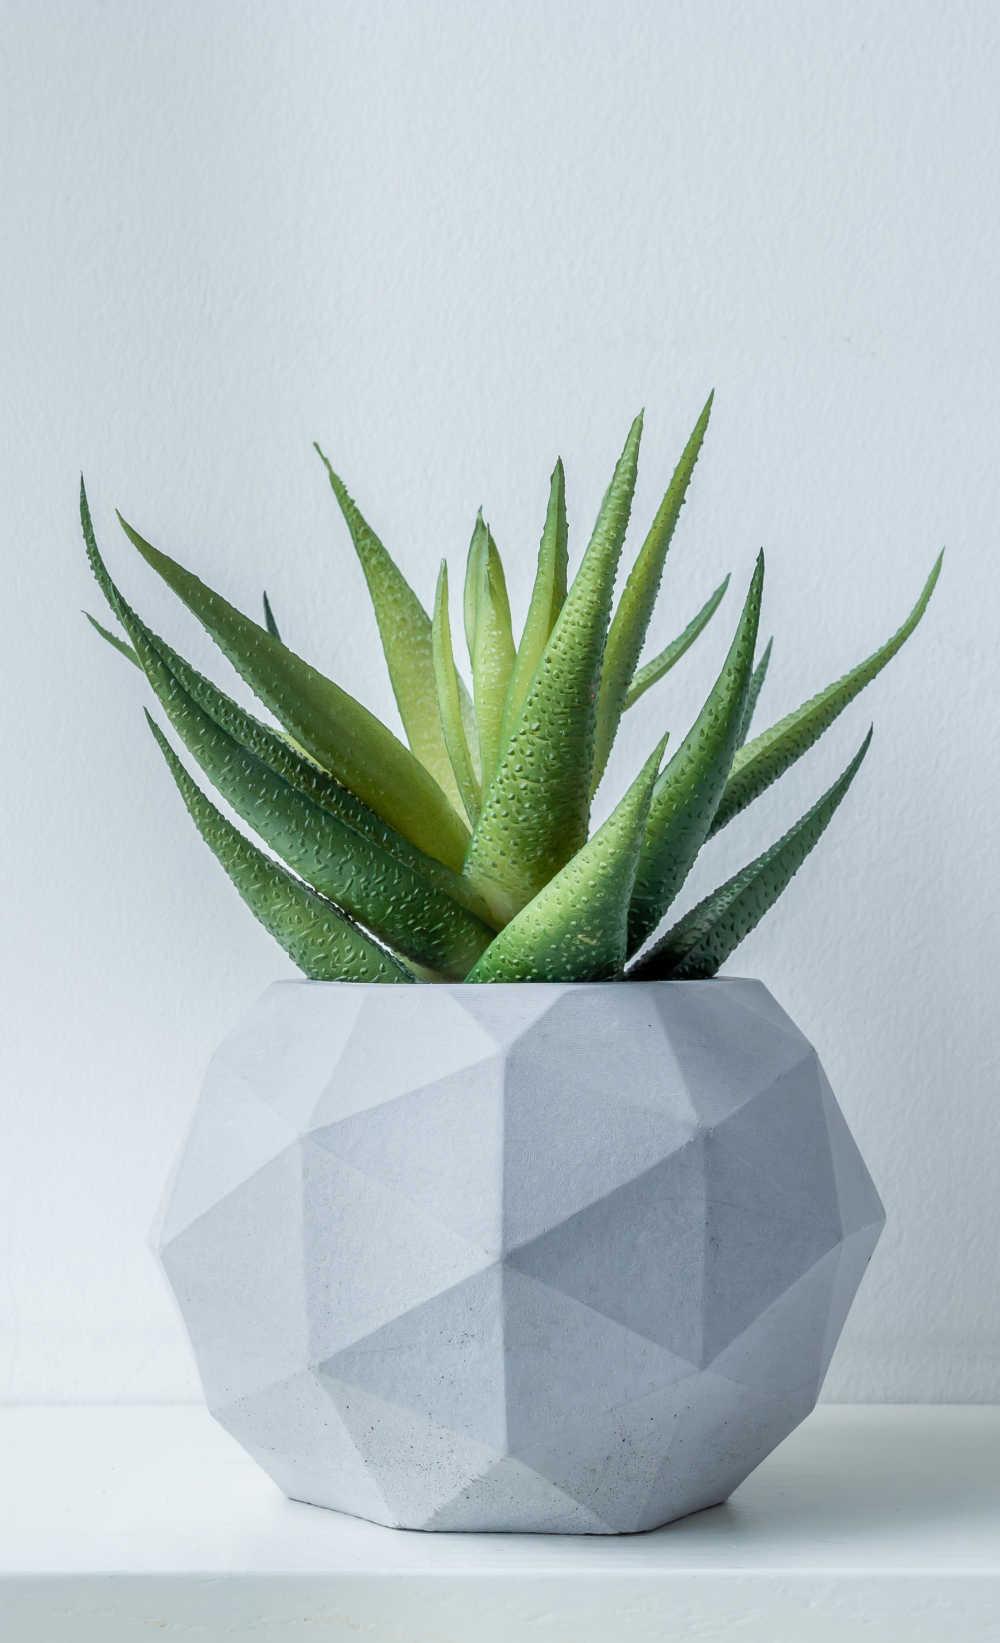 Aloe vera plant in a white pot.